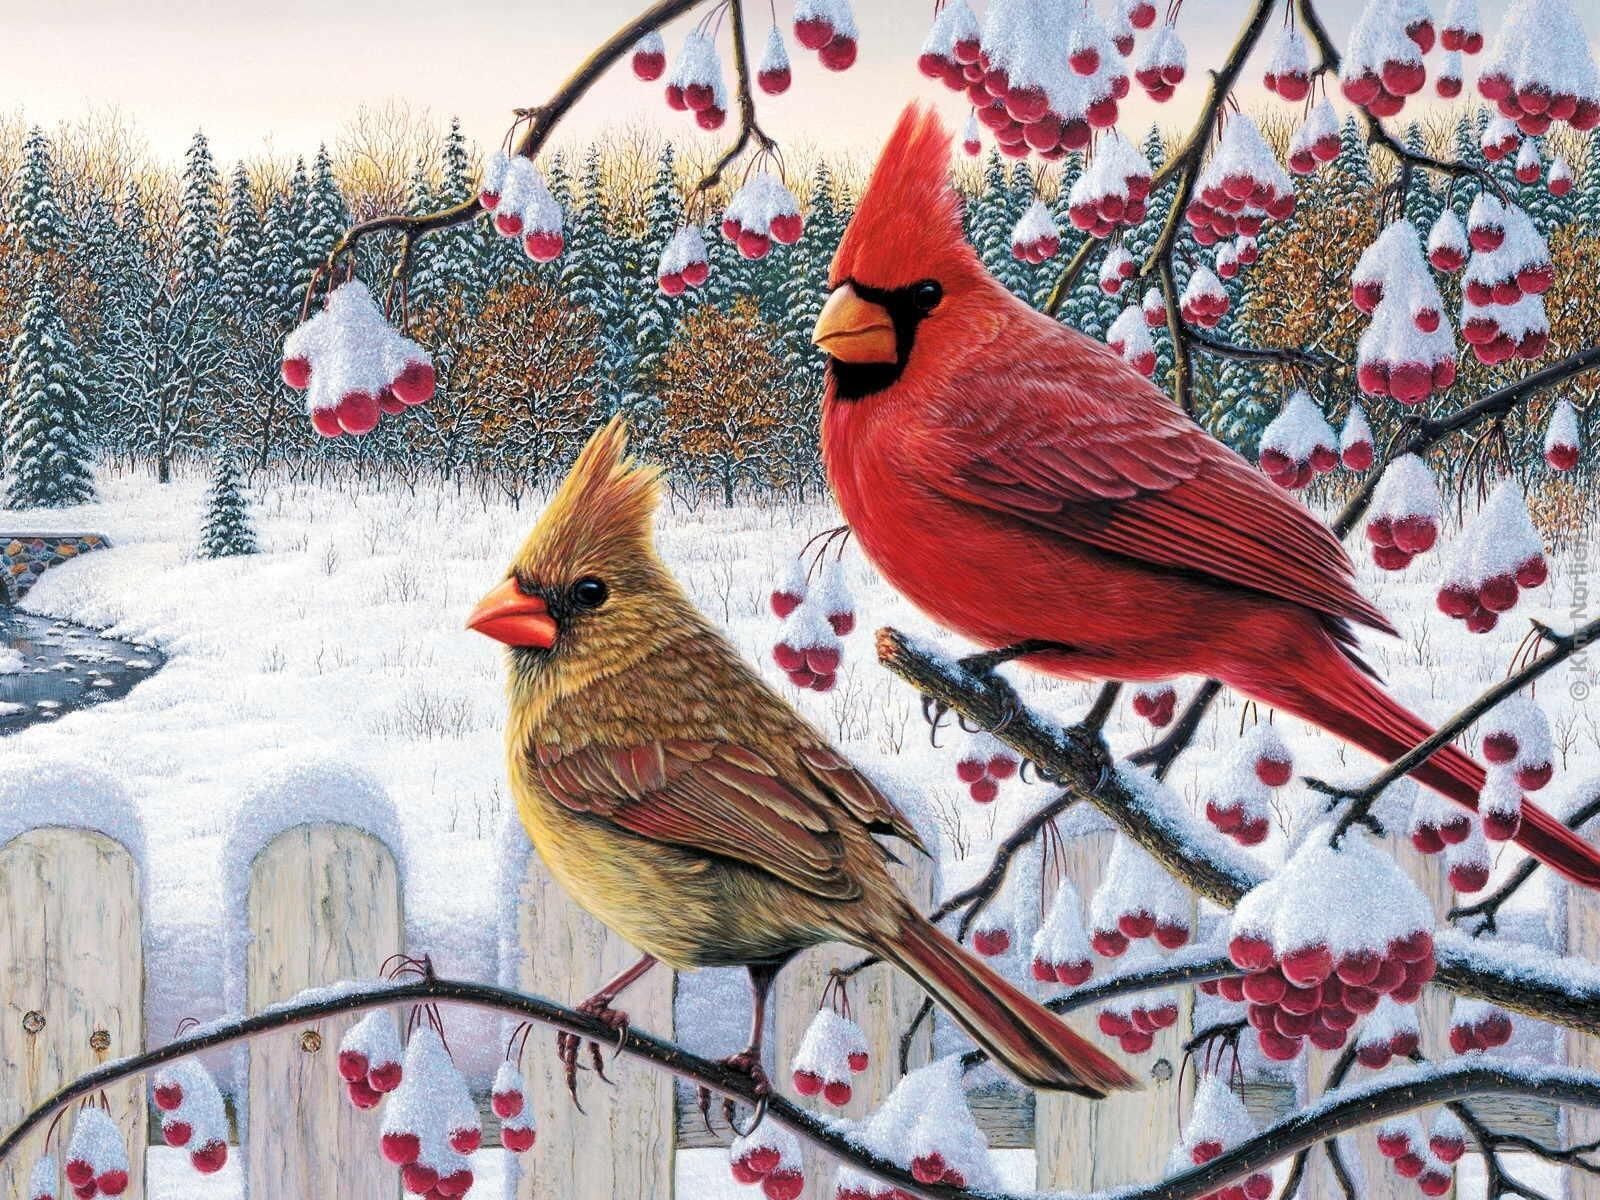 cardinal wallpapercardinal imagescardinal photocardinal picture 1600x1200